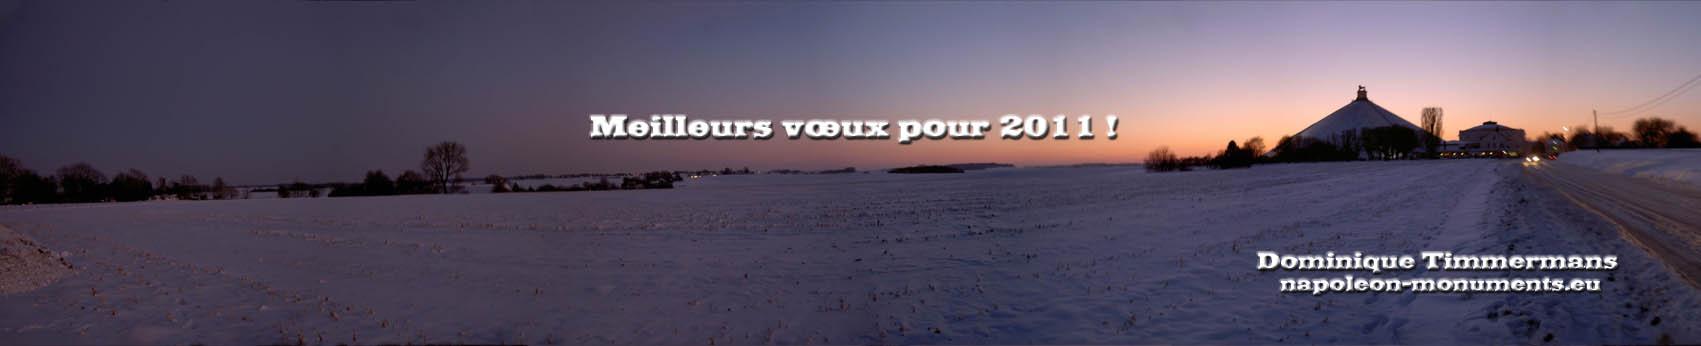 Mes meilleurs voeux pour 2011 à tous les membres des APN ! Voeux2011Nap